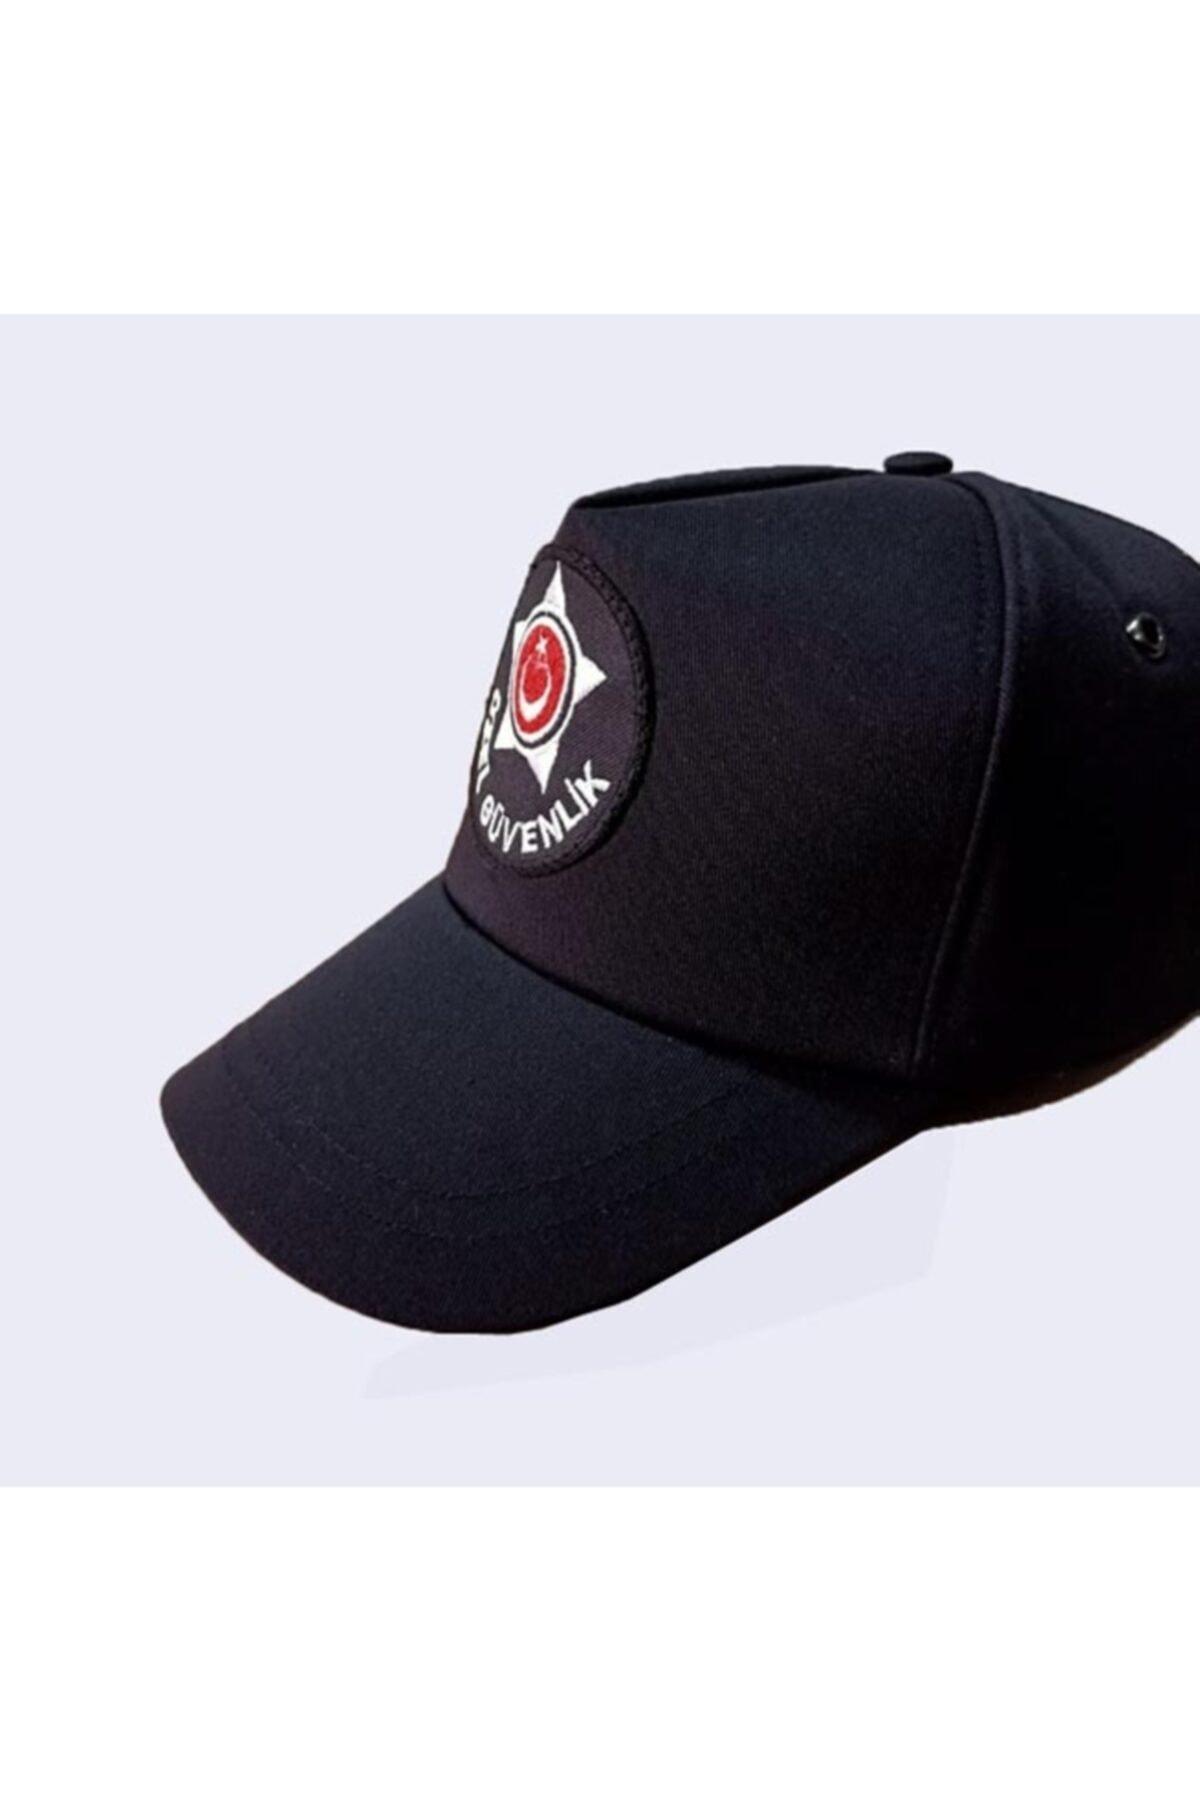 LEADER TRADE Özel Güvenlik Şapkası Yeni Model Kışlık 1